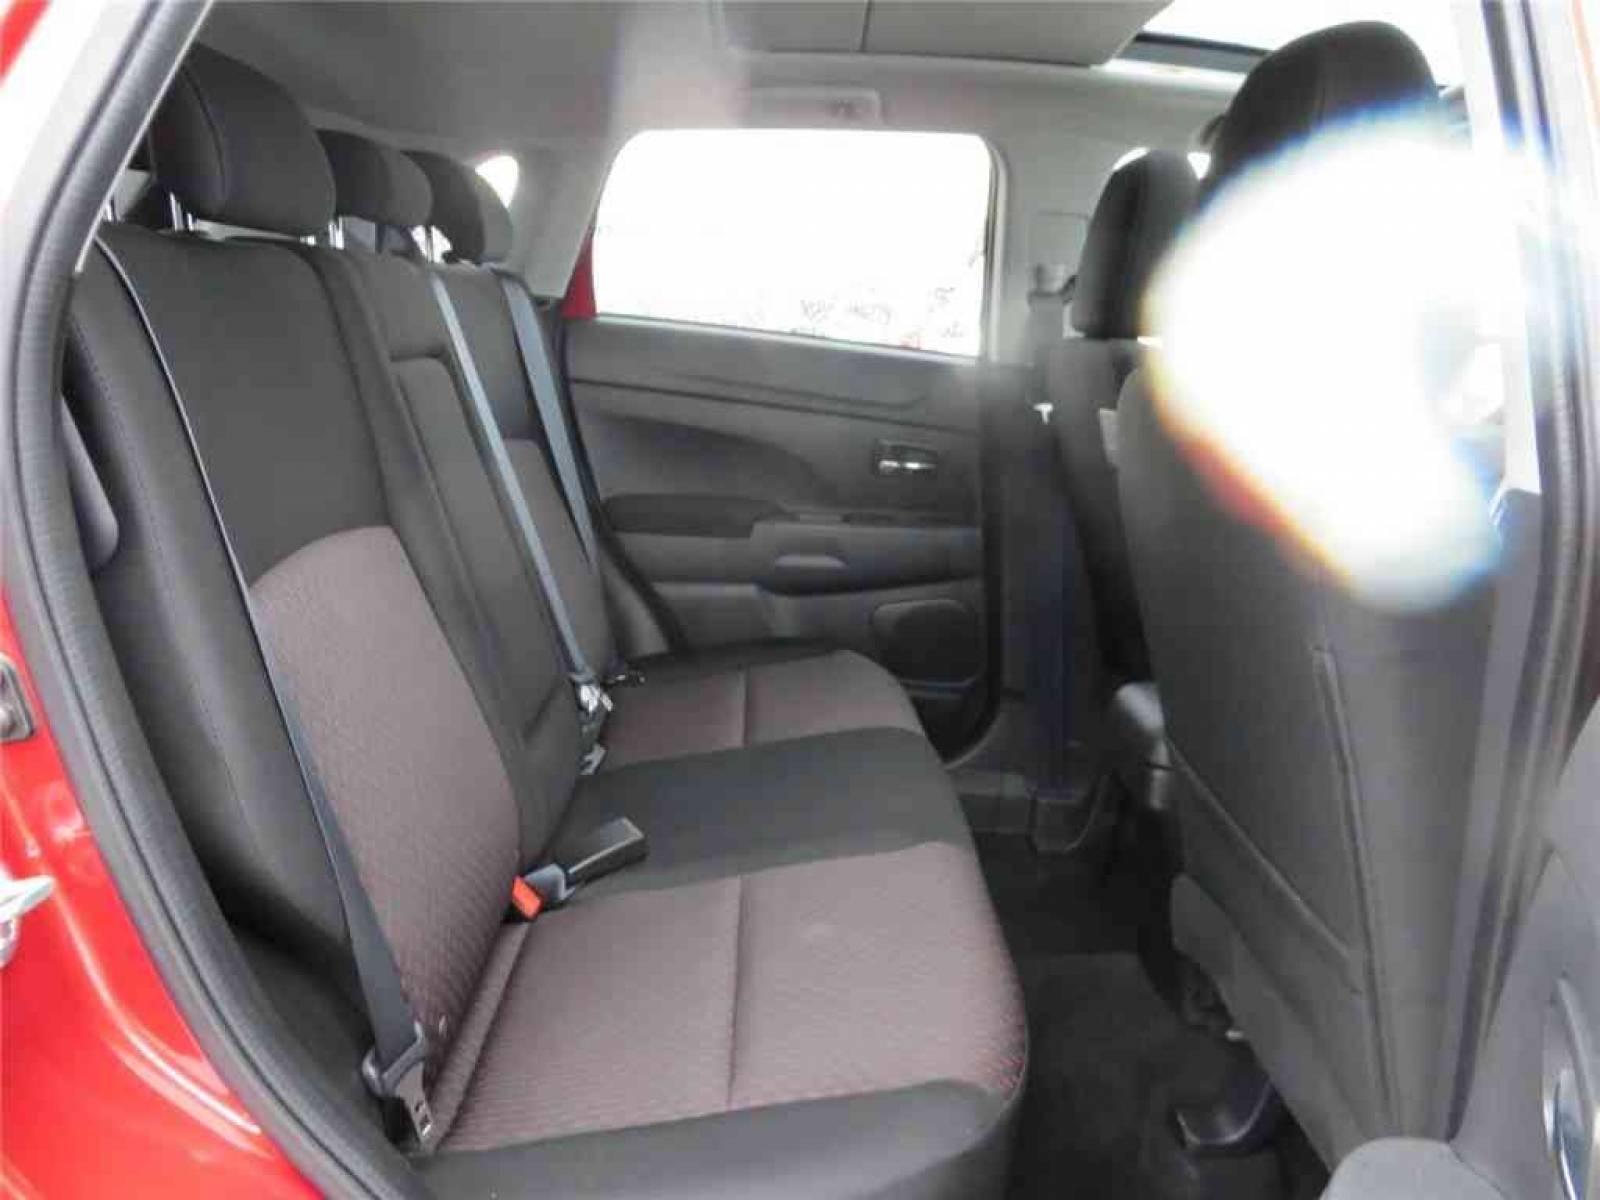 MITSUBISHI ASX 1.6 MIVEC 115 2WD - véhicule d'occasion - Groupe Guillet - Hall de l'automobile - Chalon sur Saône - 71380 - Saint-Marcel - 27